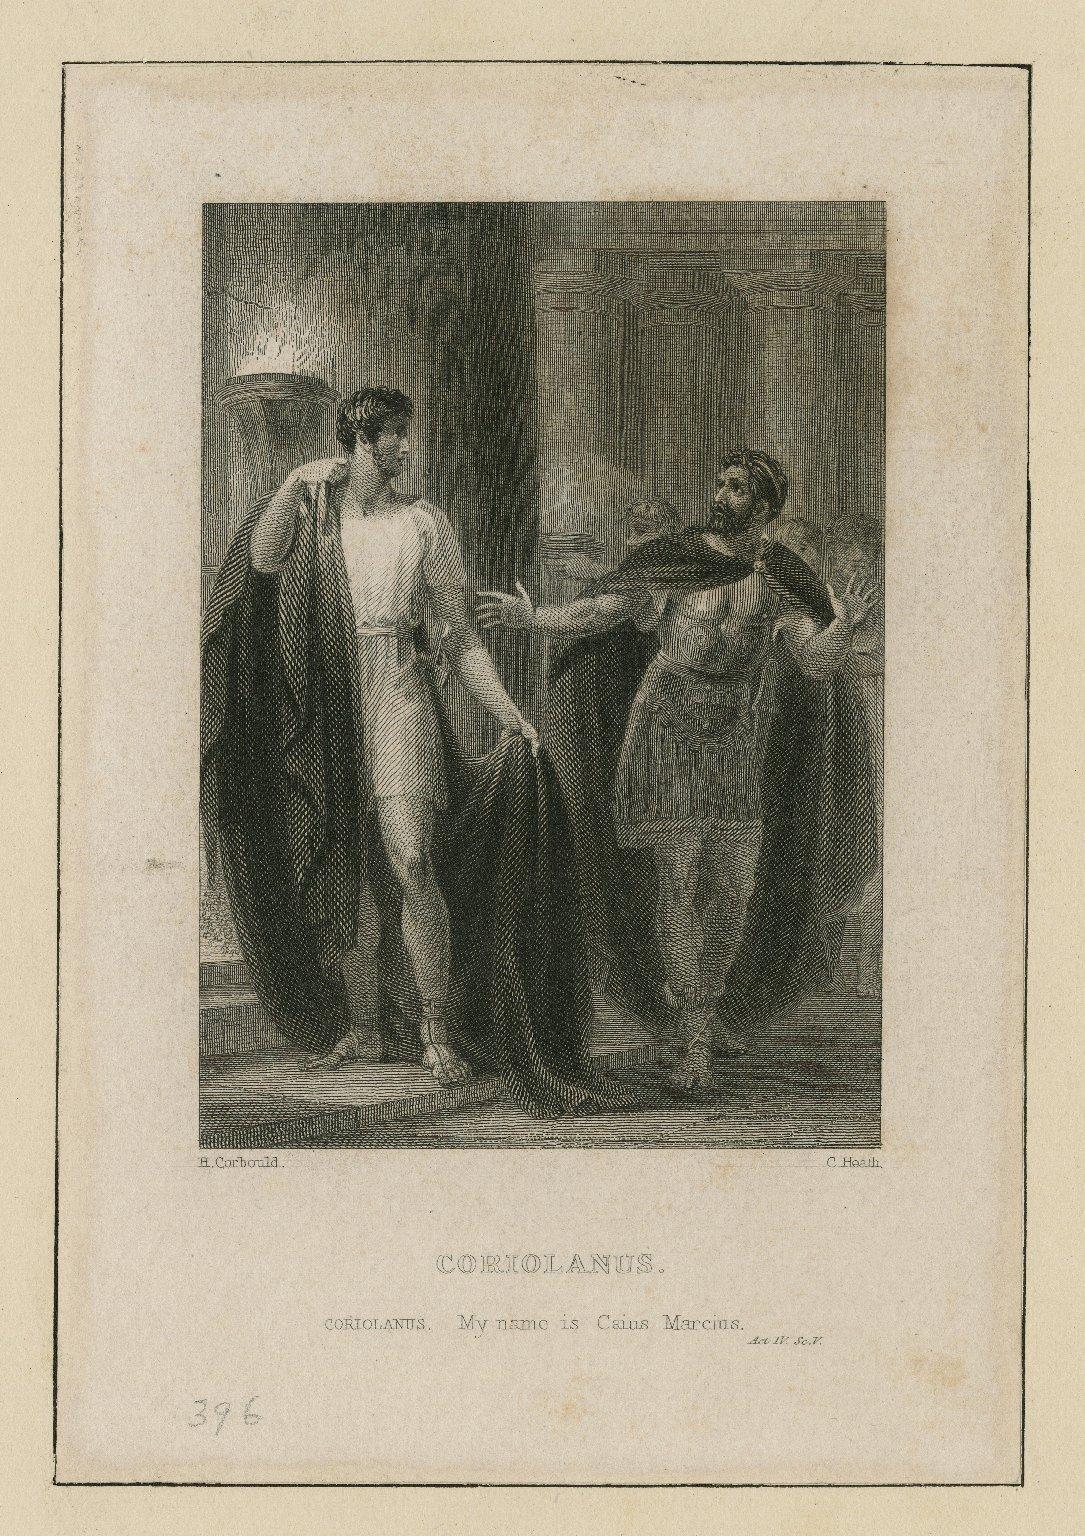 Coriolanus, Coriolanus: My name is Caius Marcius, act IV, sc. V [graphic] / H. Corbould ; C. Heath.